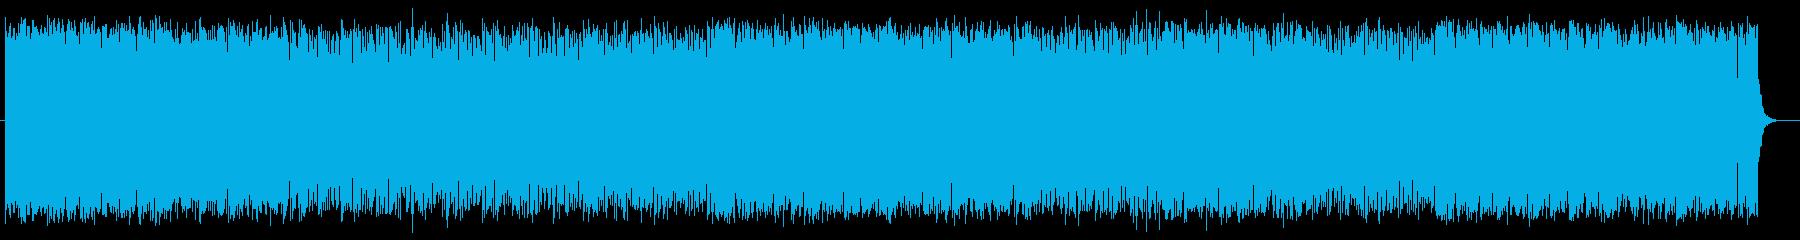 爽やかで明るいミュージックの再生済みの波形